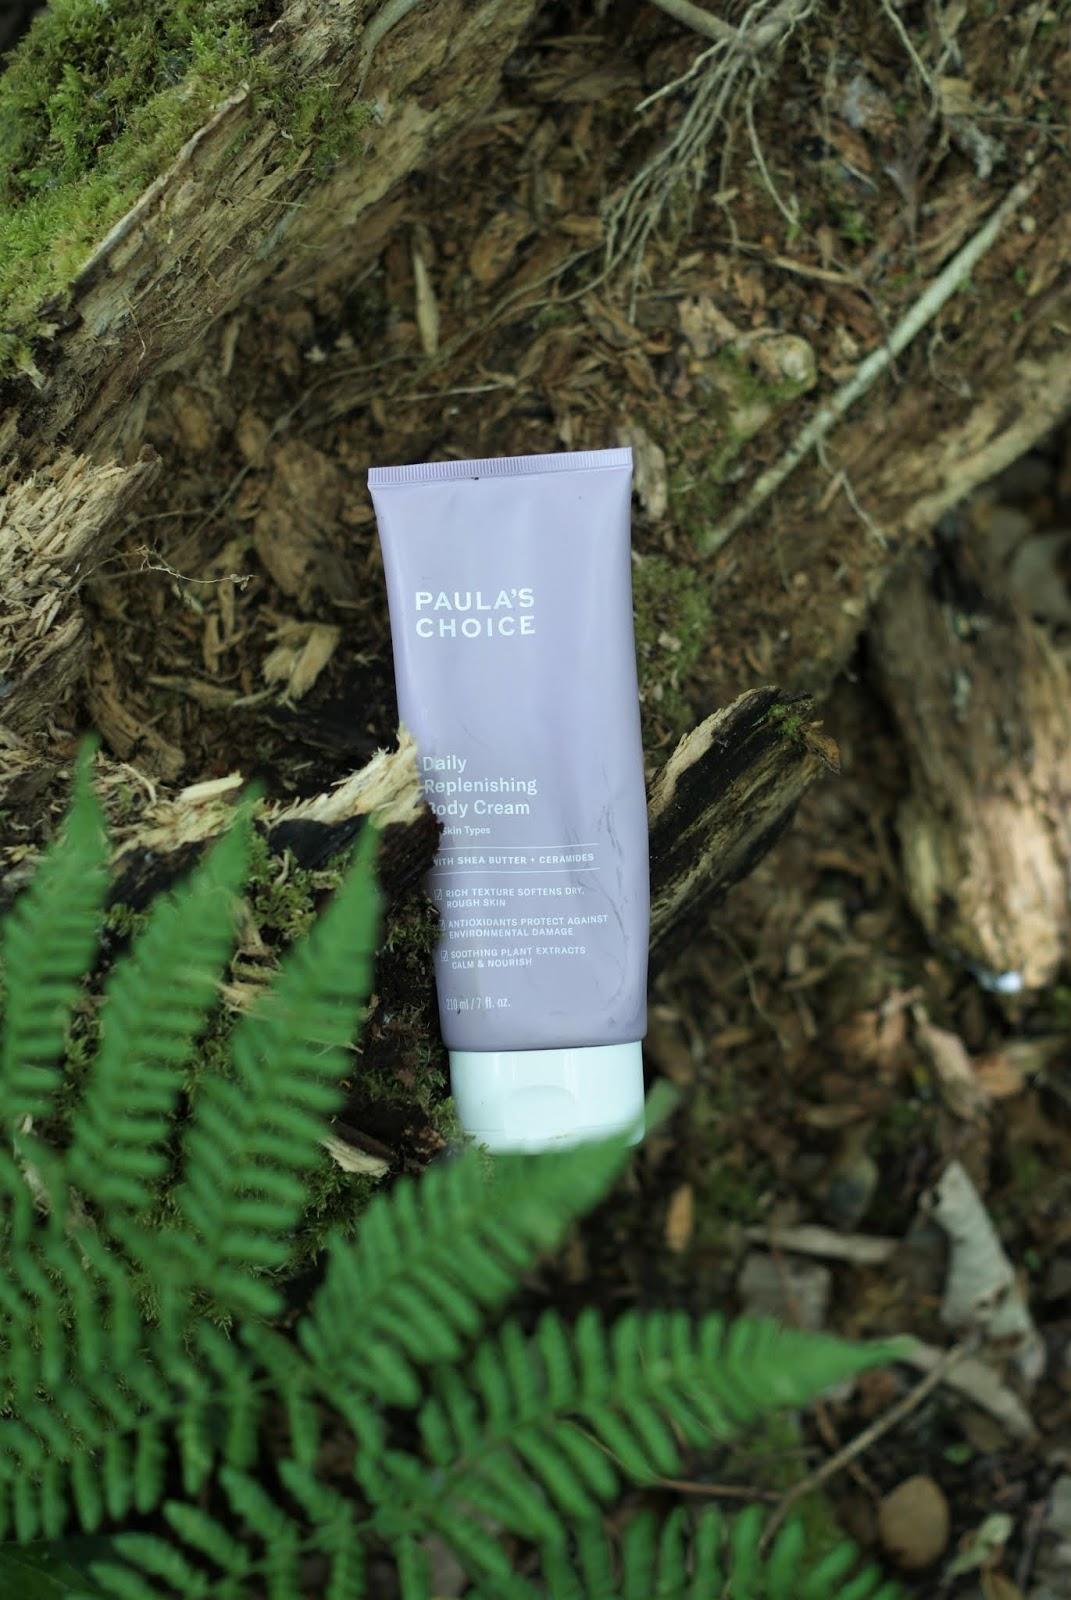 Daily Replenishing Body Cream/ Paula's Choice.